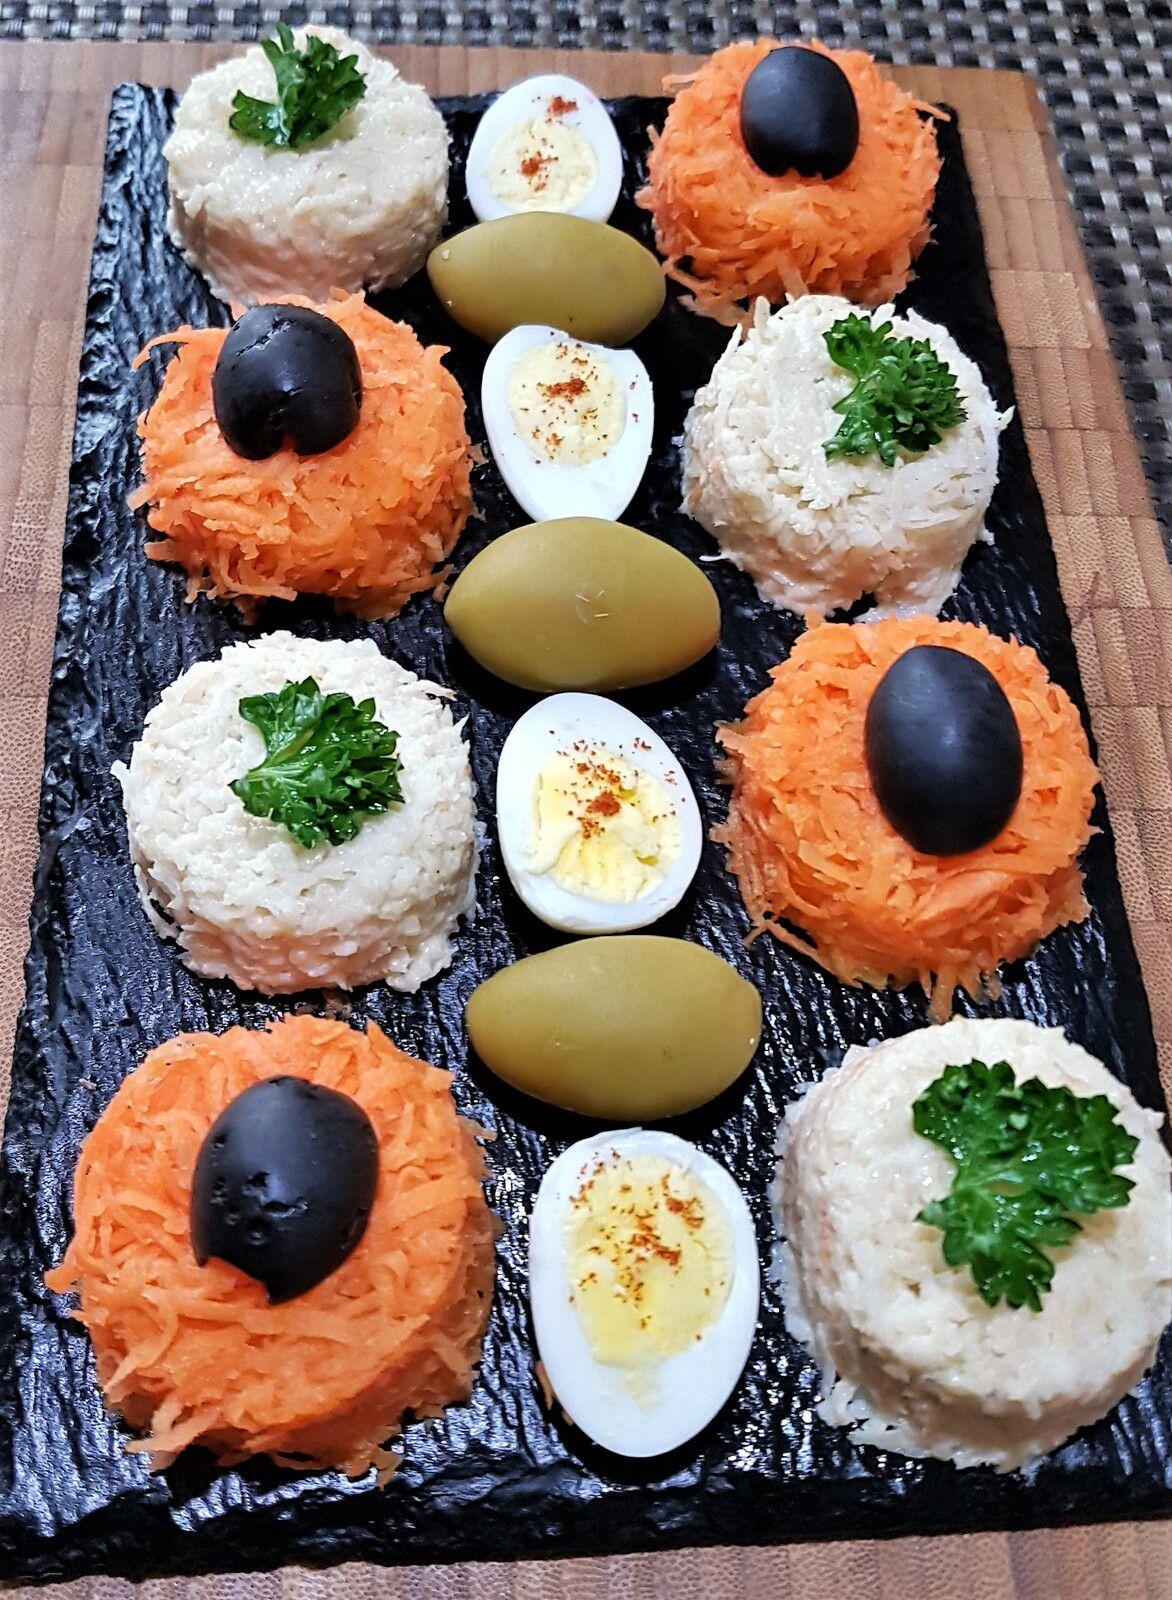 Ingrédients mis en oeuvre : carottes râpées, céleri rémoulade, oeufs de caille, olives noires et vertes, paprika, persil plat